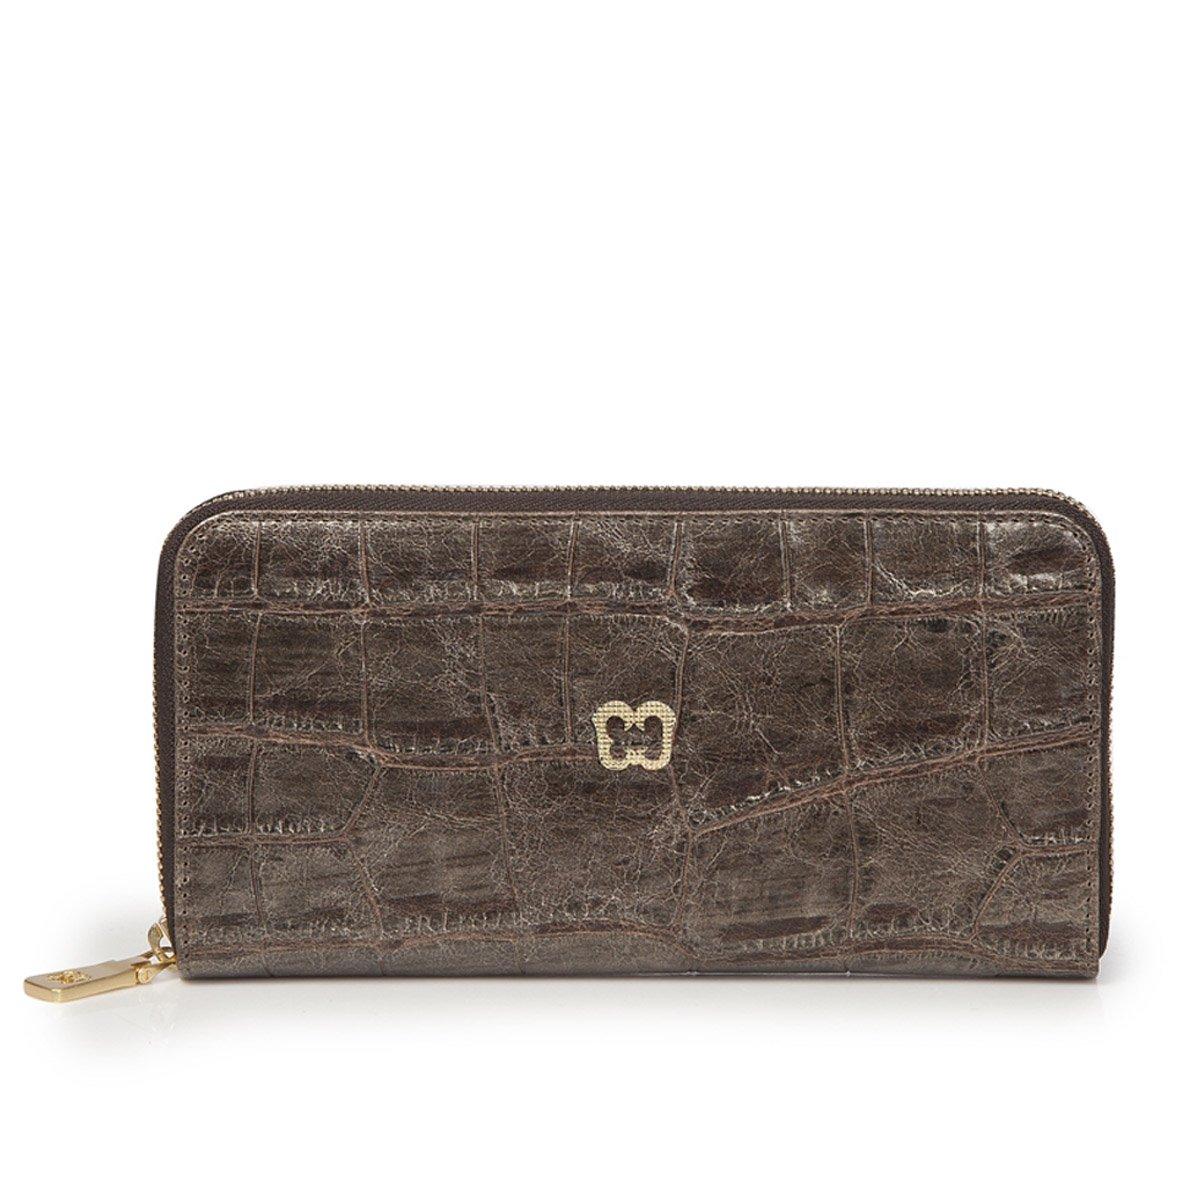 Eric Javits Luxury Fashion Designer Women's Handbag - Zip Wallet - Pewter